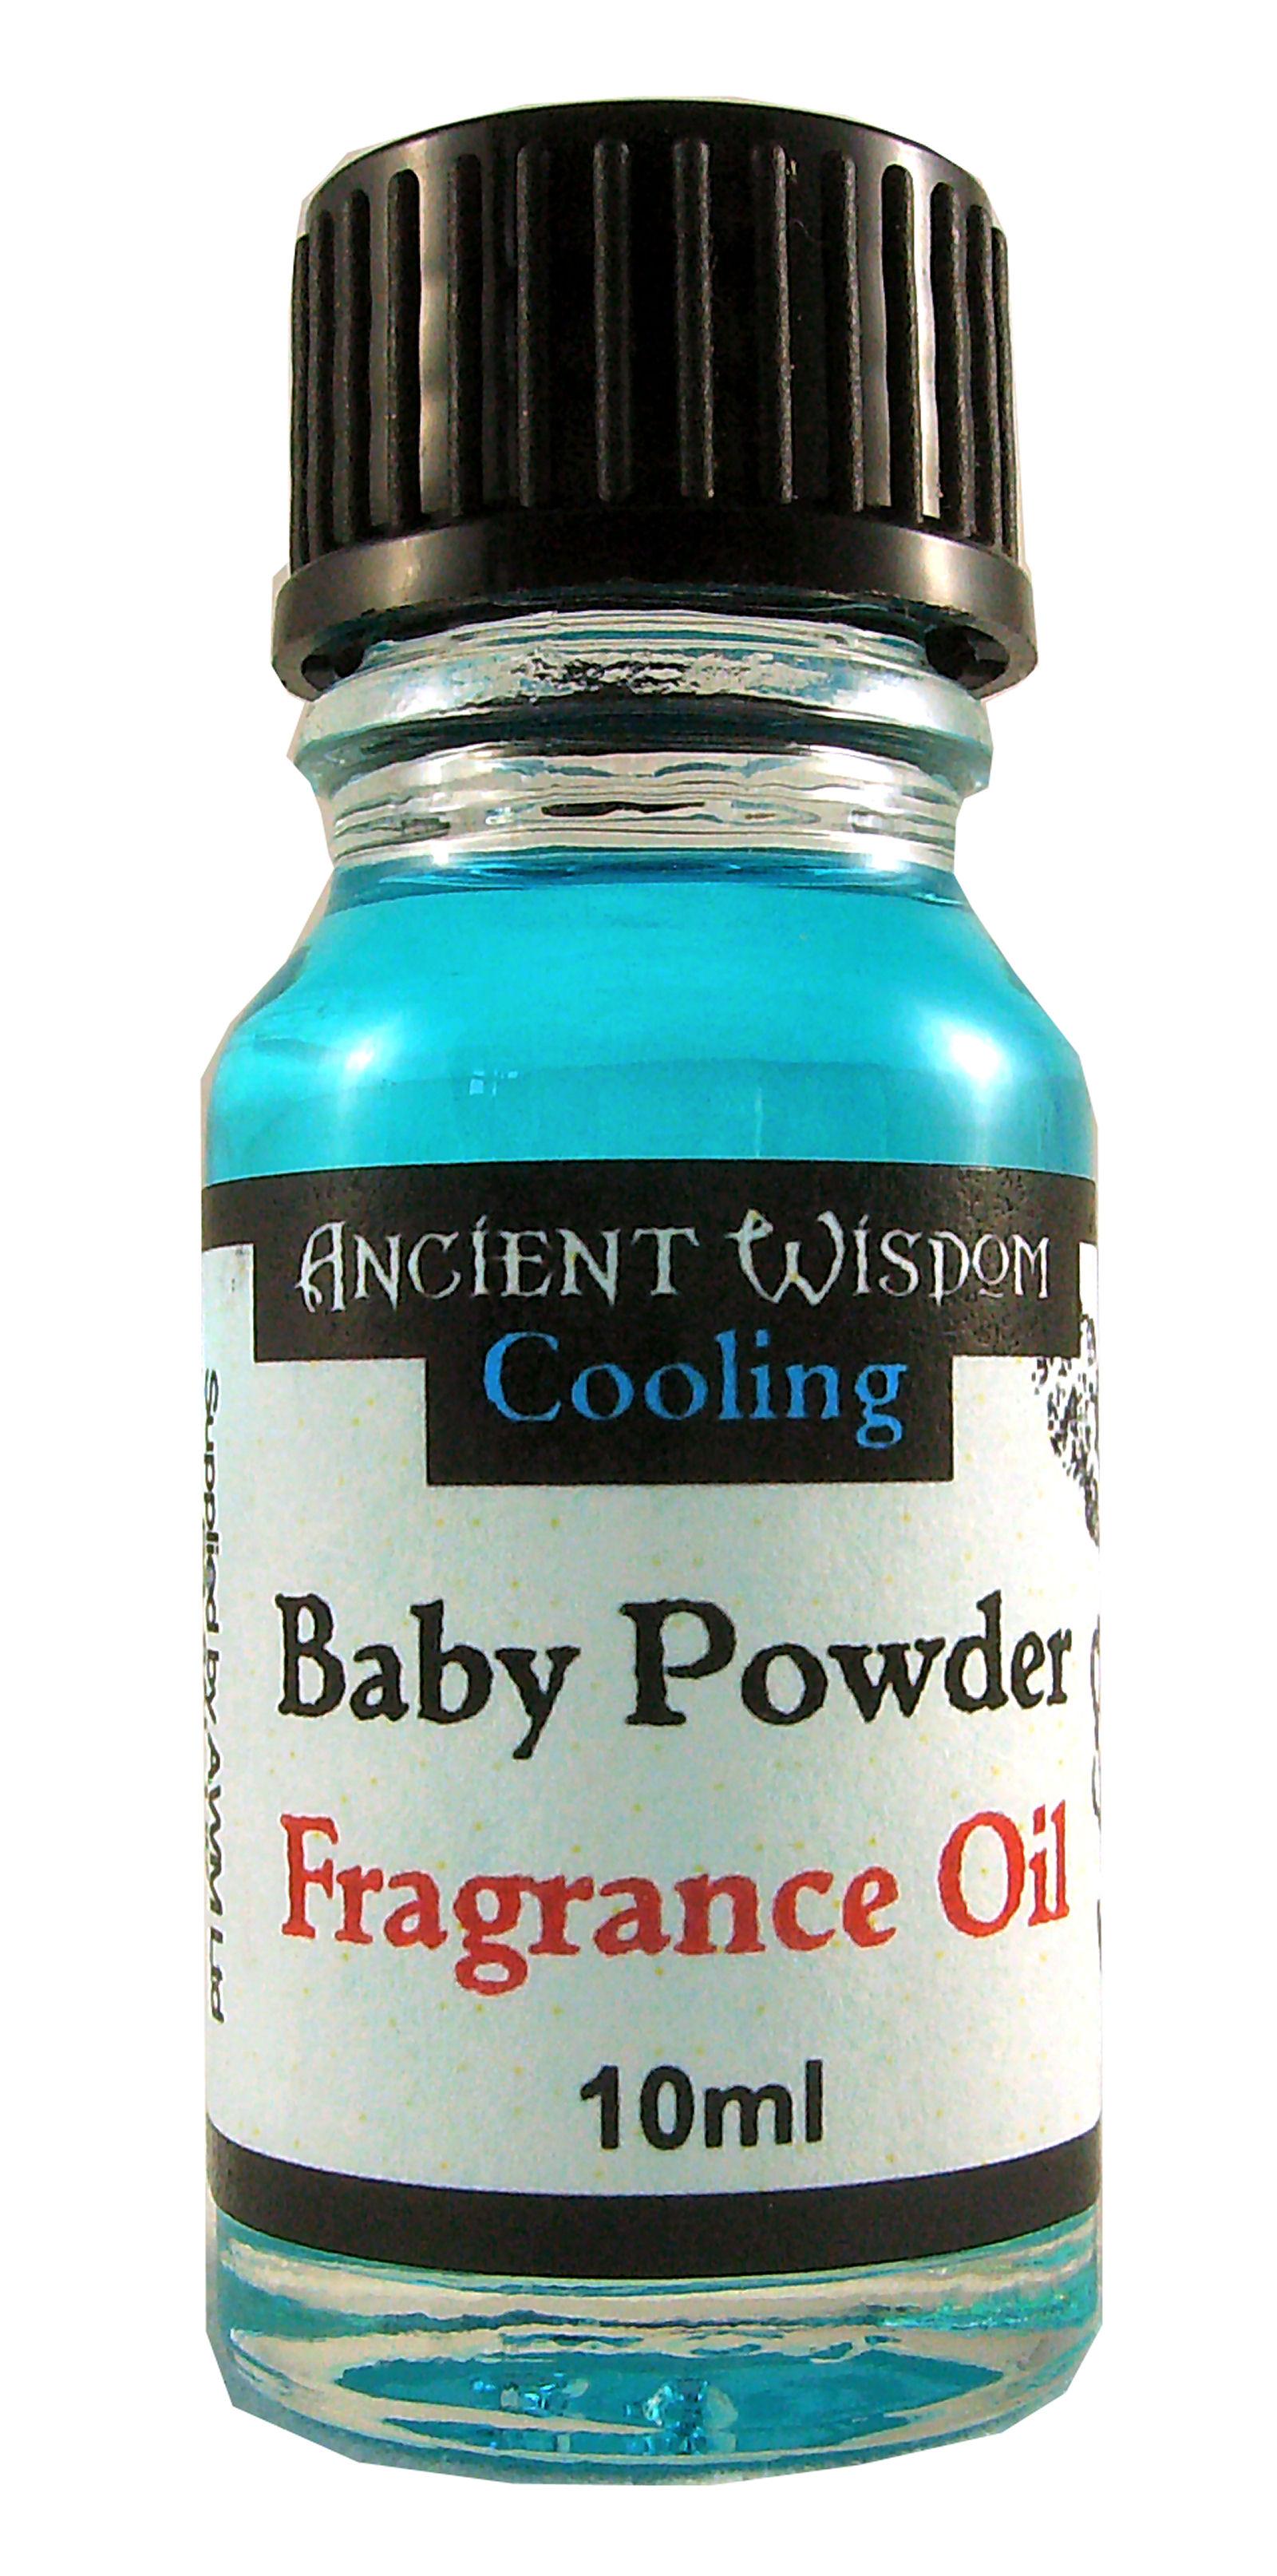 Duftöl Babypowder